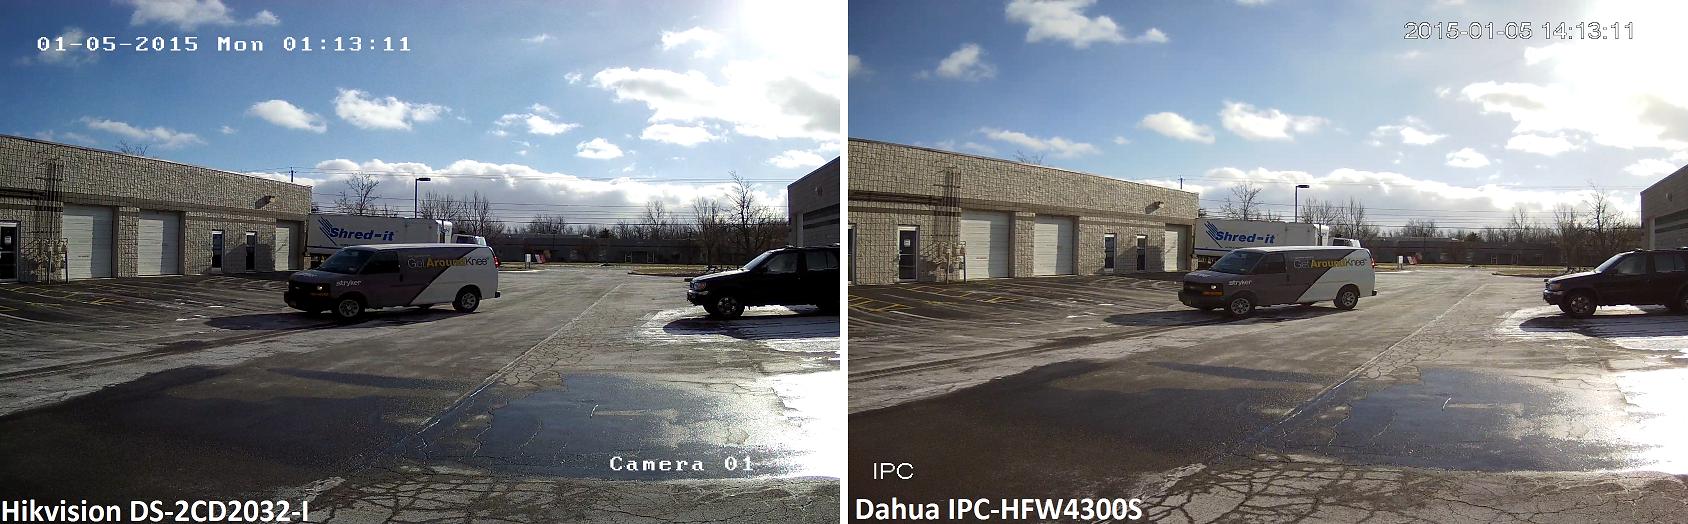 2032-vs-4300s-outdoor-image